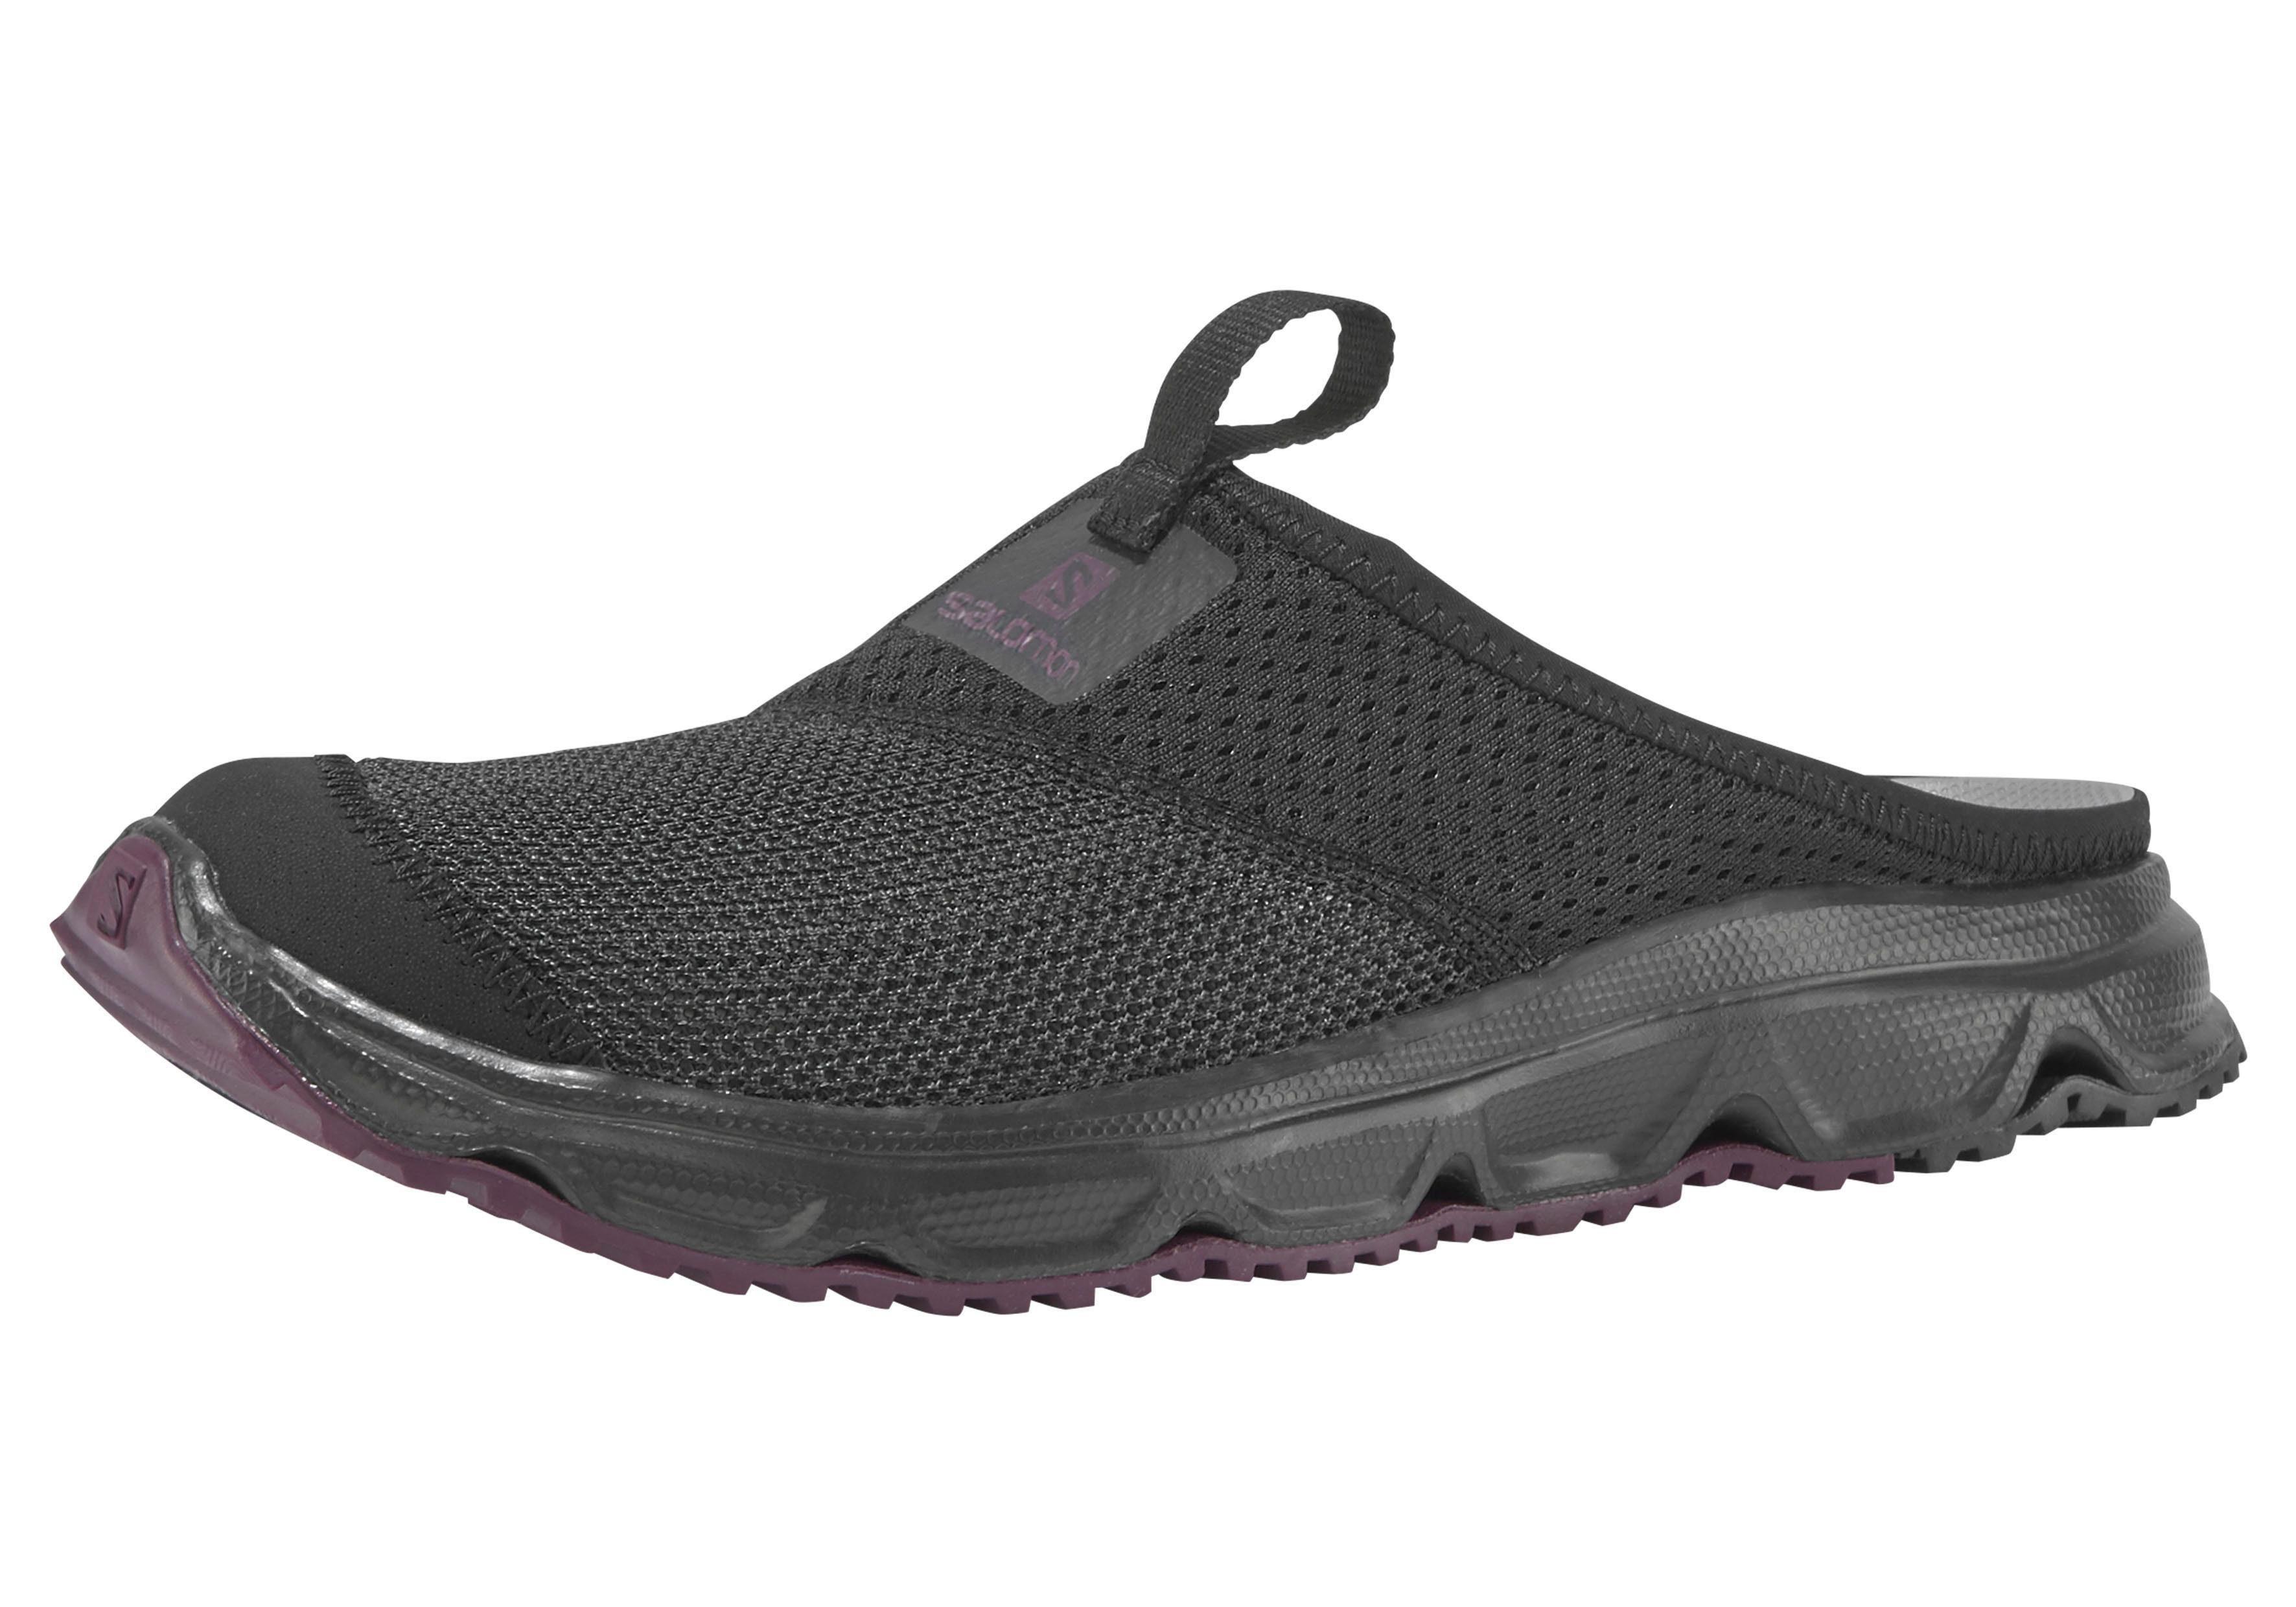 Details zu Salomon RX Slide 4.0 Gr 38 Sandale Sandalen Damen Freizeitschuhe